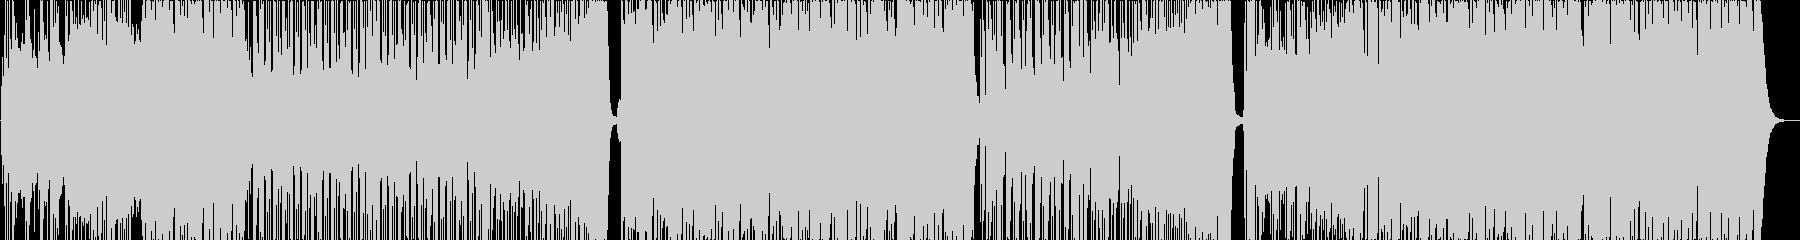 ハッピー感溢れるウェディングBGMの未再生の波形